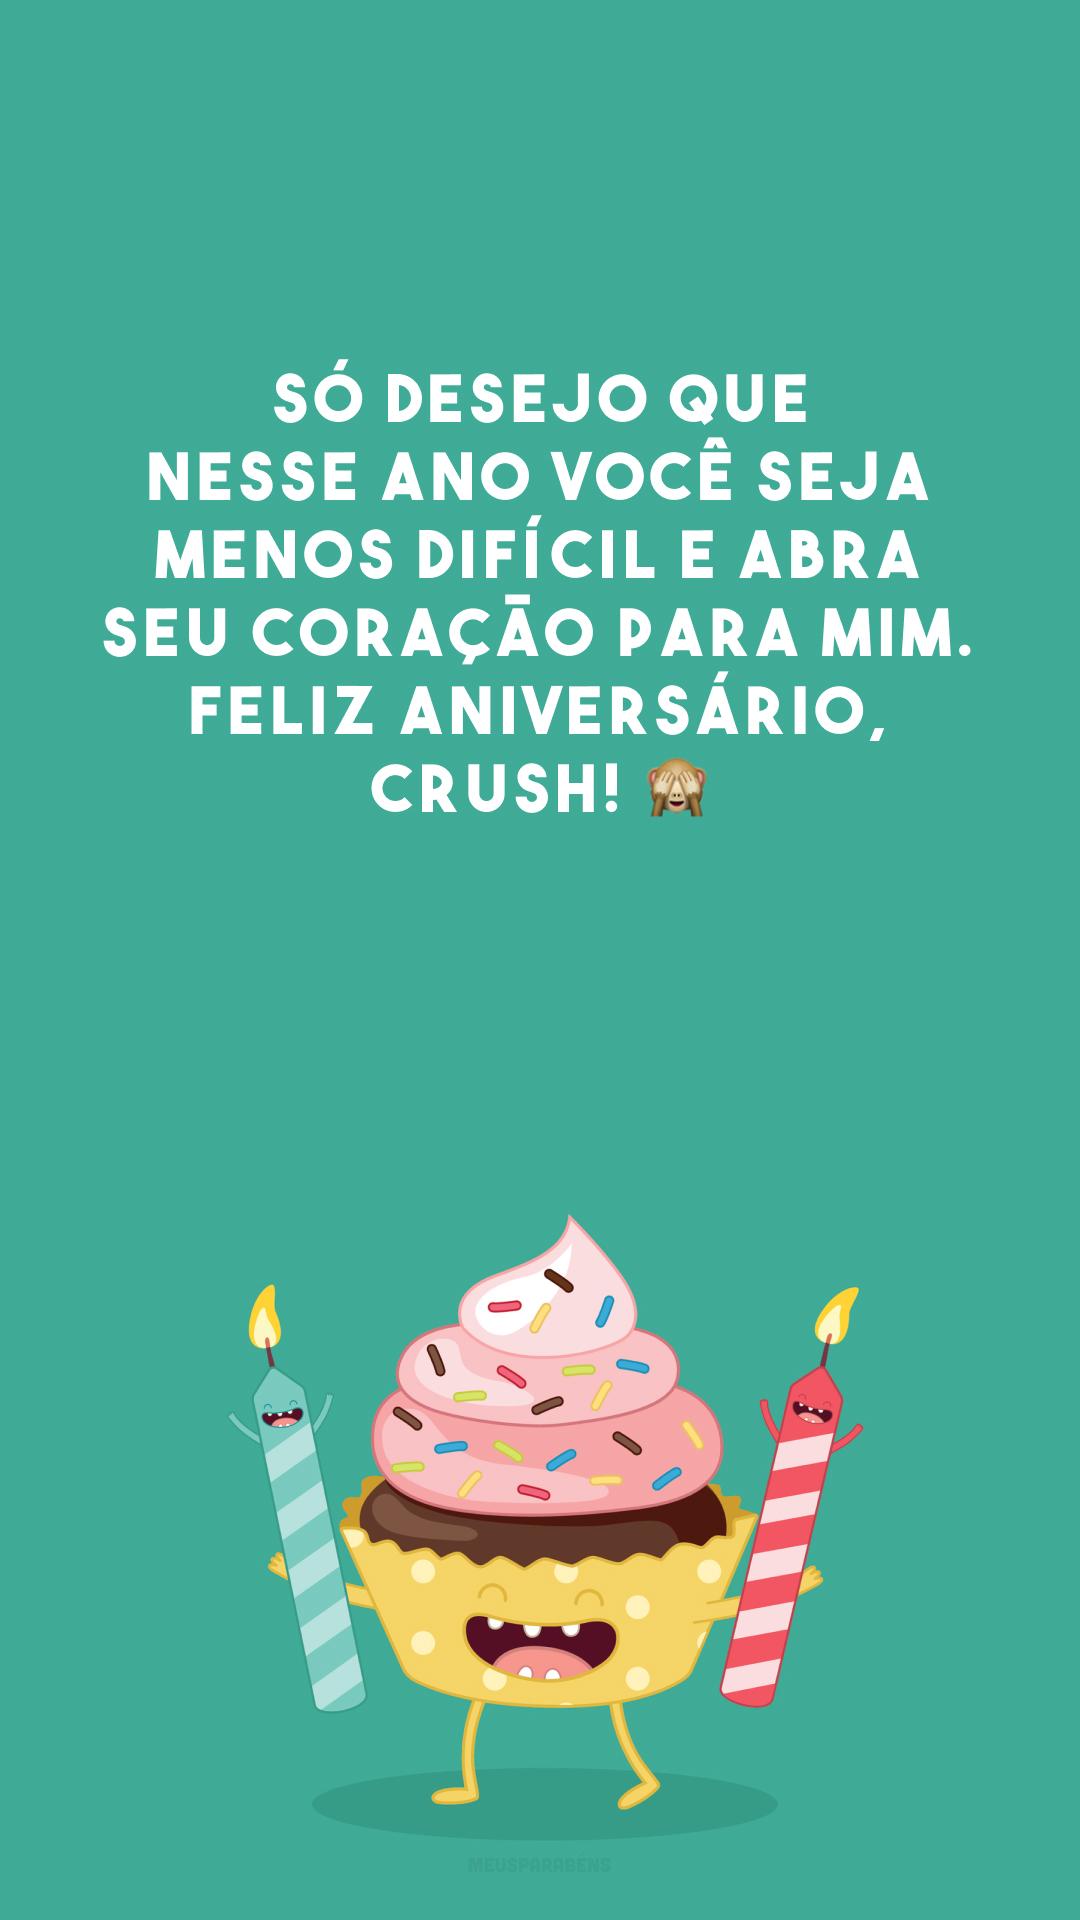 Só desejo que nesse ano você seja menos difícil e abra seu coração para mim. Feliz aniversário, crush! 🙈